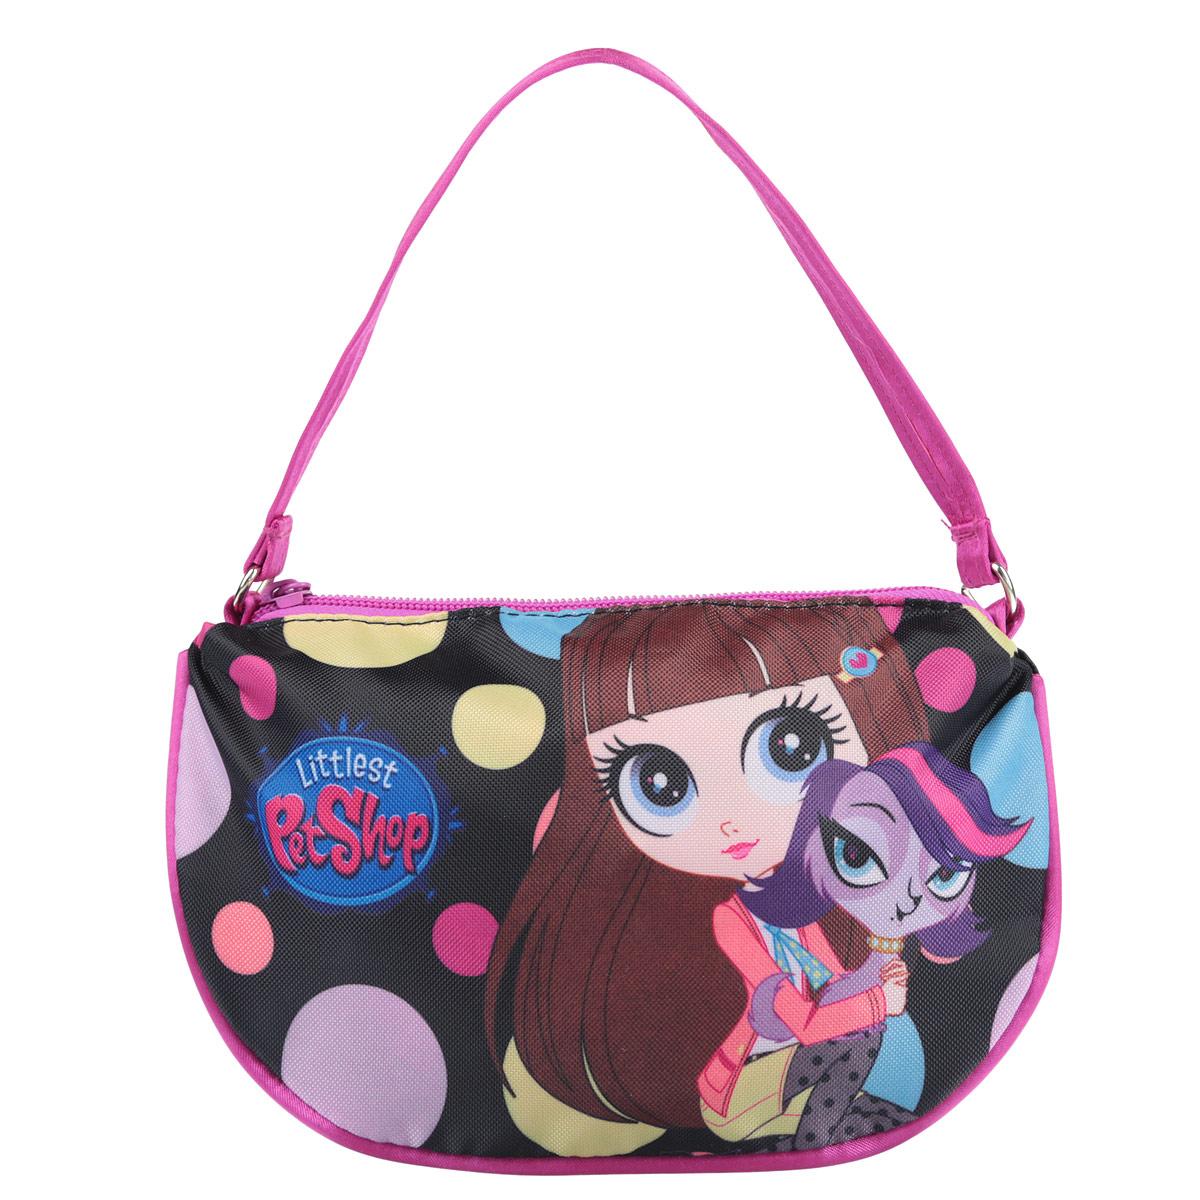 Сумочка детская Littlest Pet Shop, цвет: черный, розовый. LPCB-UT3-4017 pet shop boys brasília